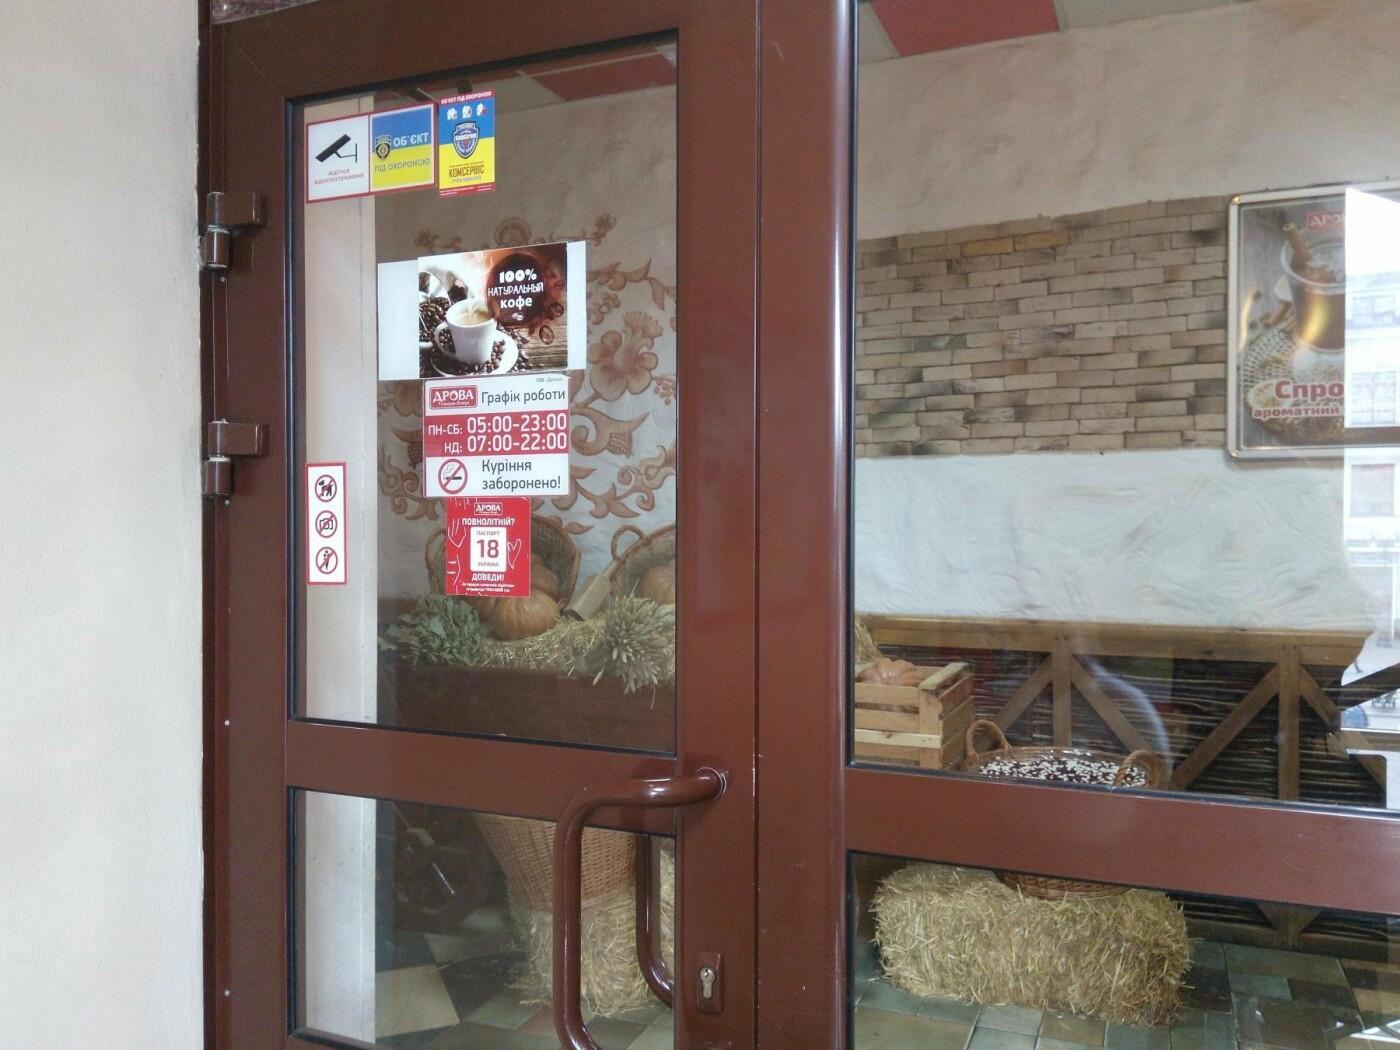 """Грязно и холодные блюда, но дешево: проверили ресторан """"Дрова"""" на Привокзальной, фото-6"""